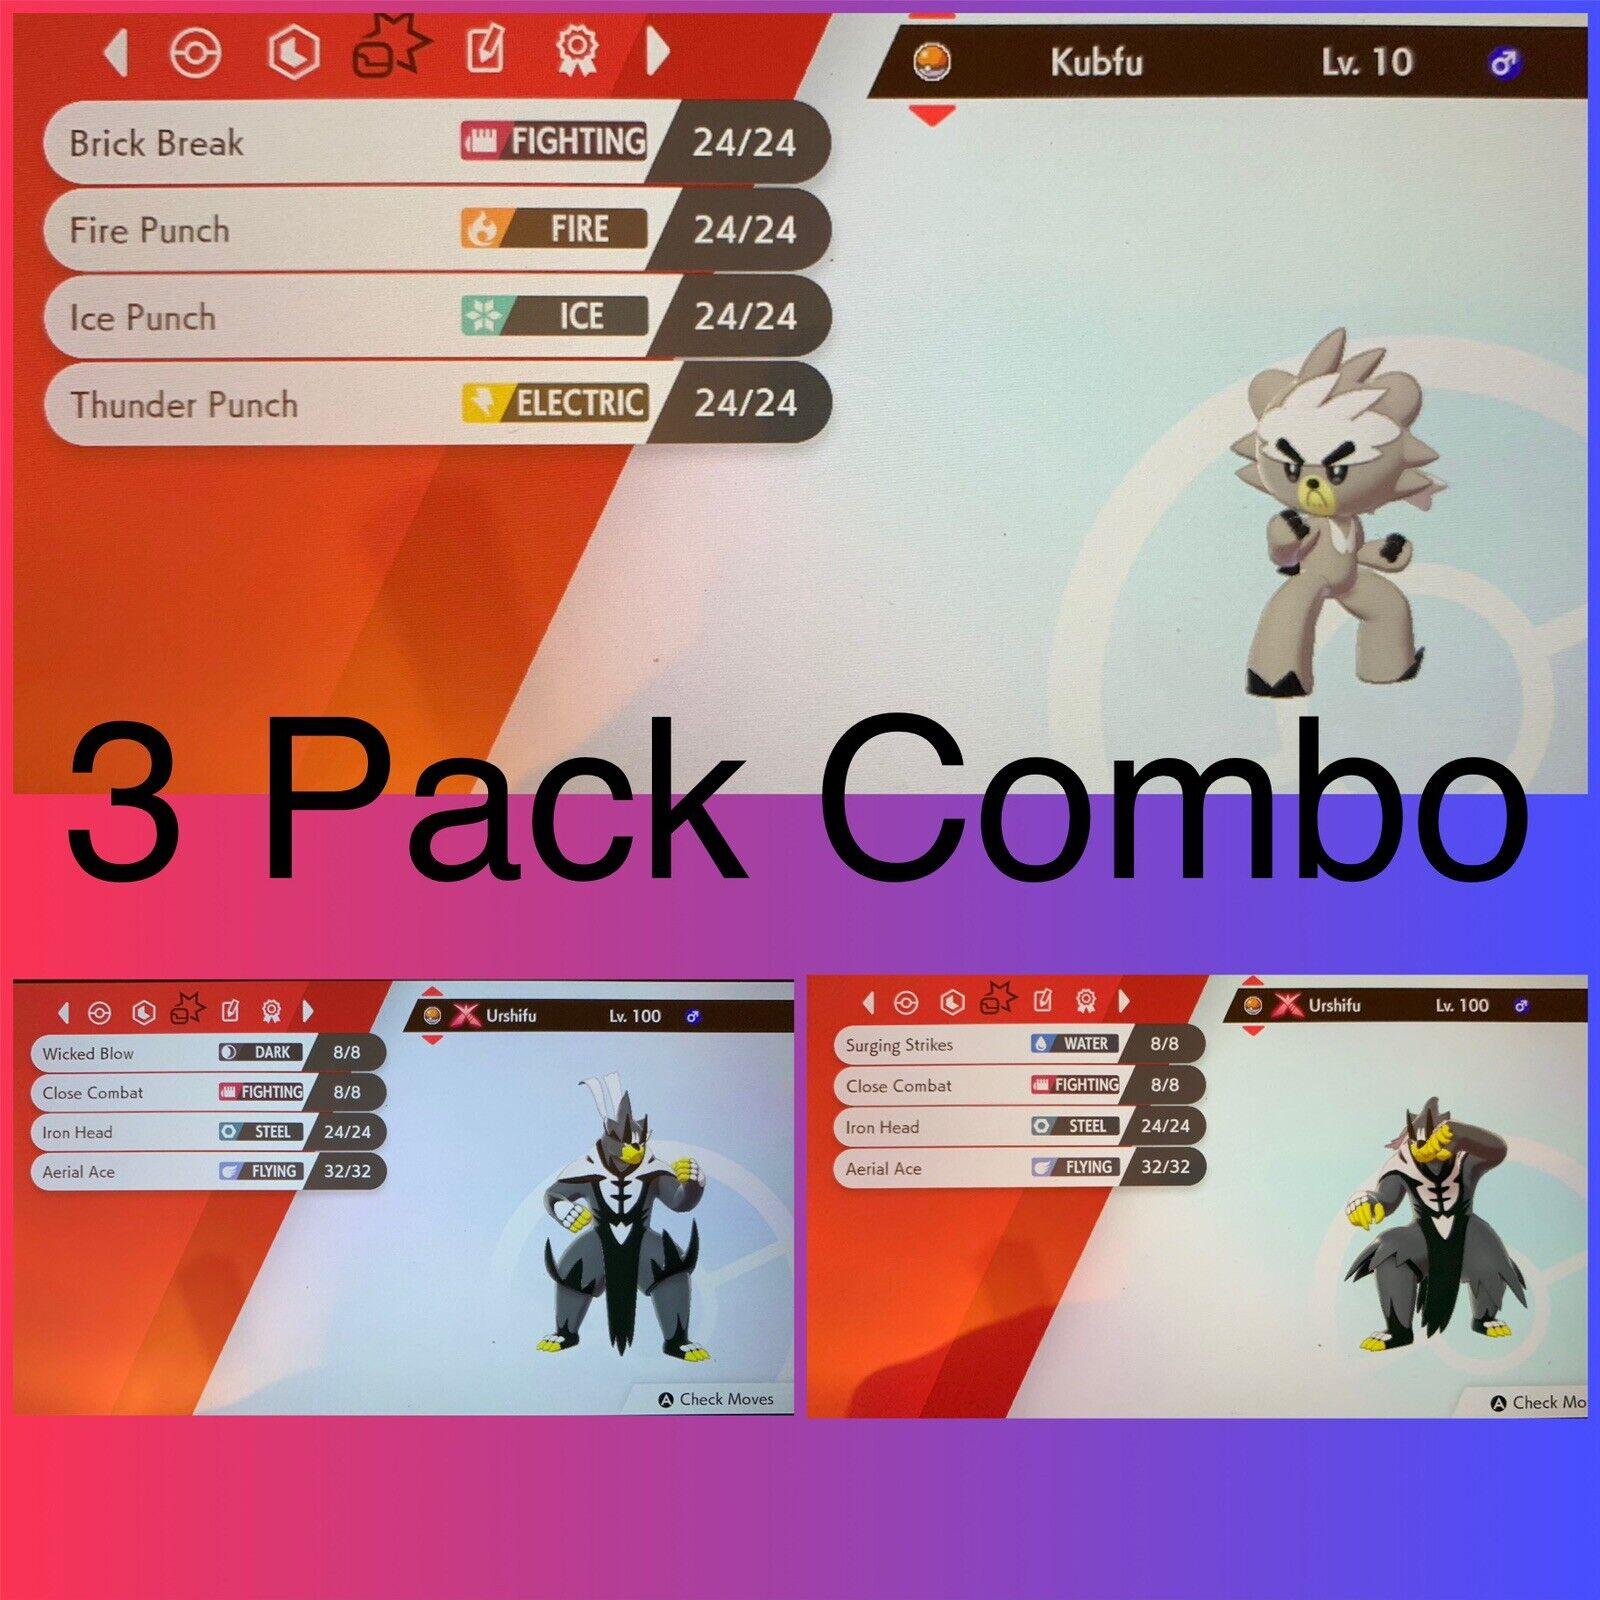 Kubfu Urshifu 3x 6IV Battle Ready Legal DLC Isle Of Armor Pokemon Shield 1